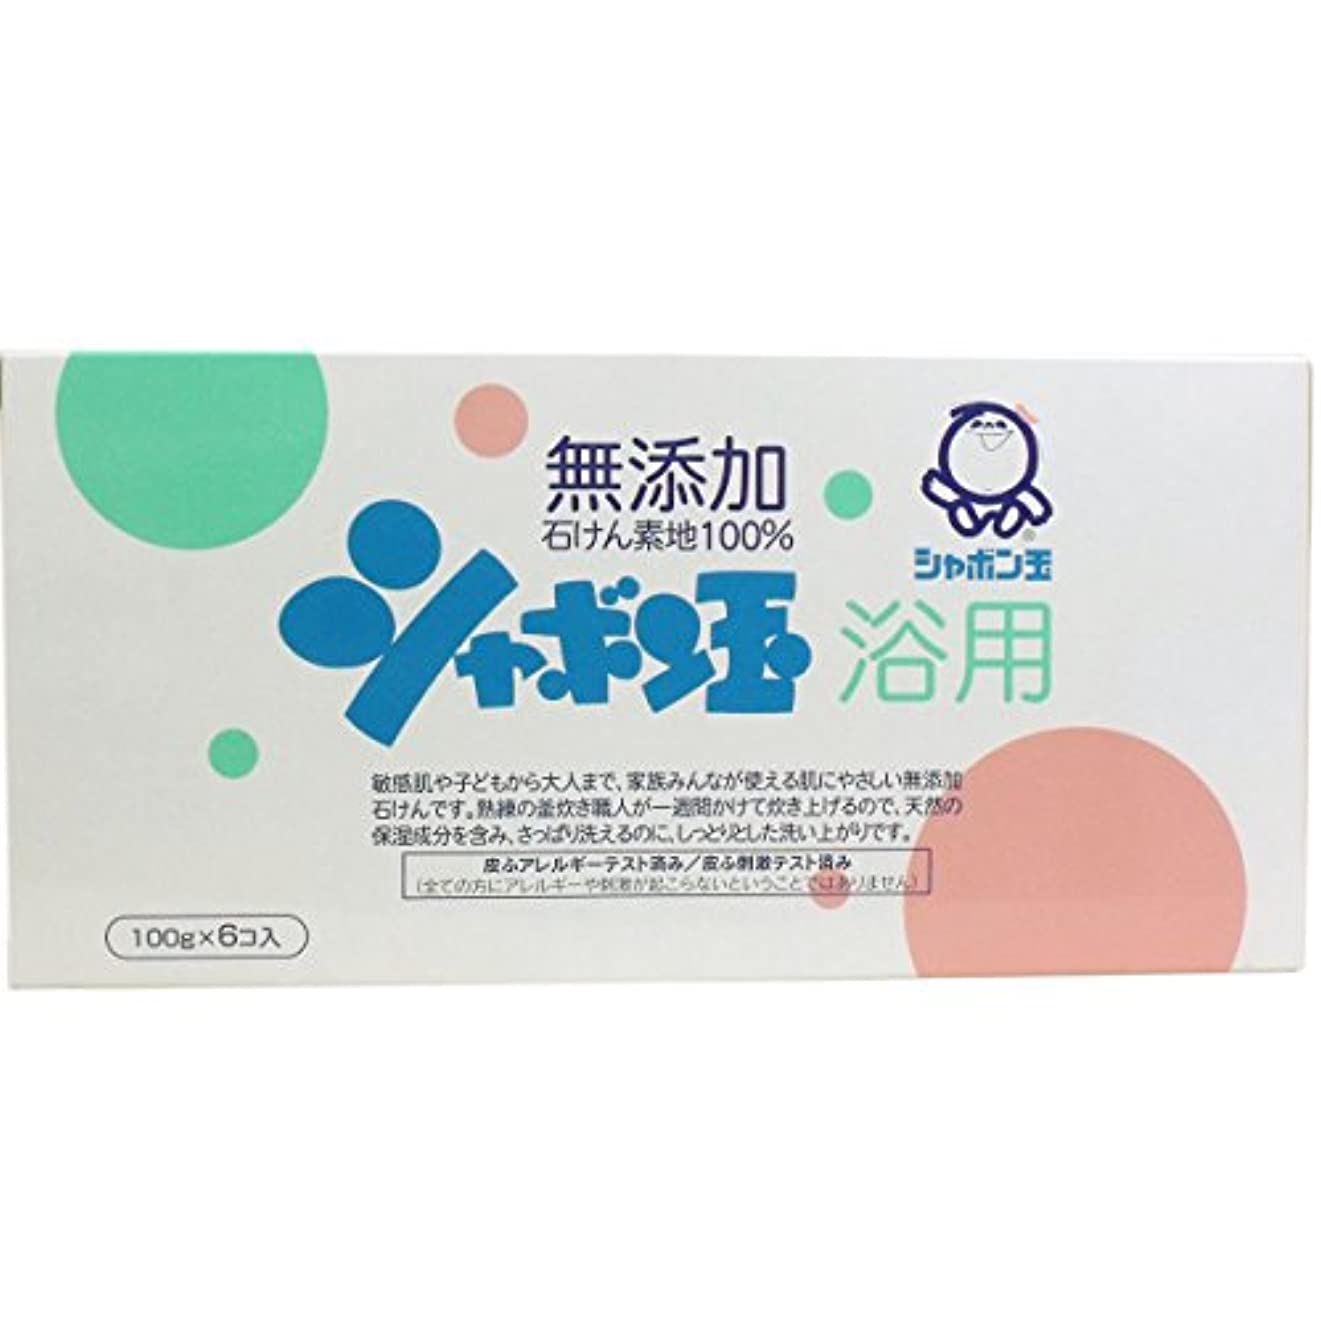 水素ケープ着実に【まとめ買い】化粧石けんシャボン玉浴用 6個入 ×2セット